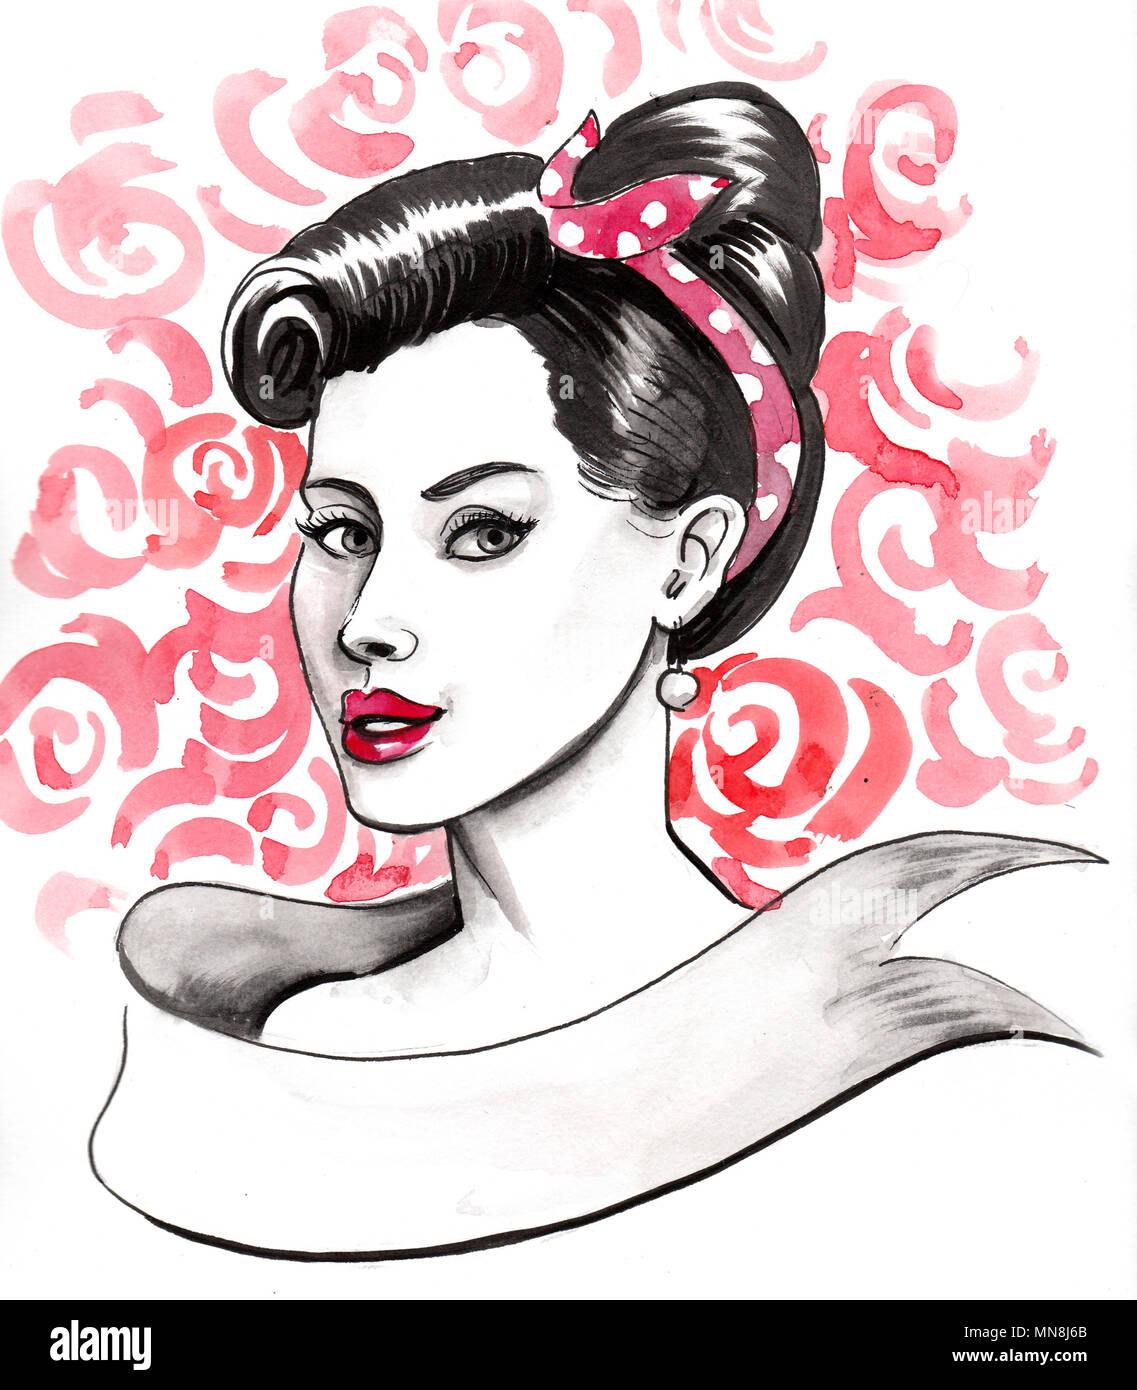 c00f5cba64e Bonita ilustración estilo pin-up de una bella mujer Foto & Imagen De ...